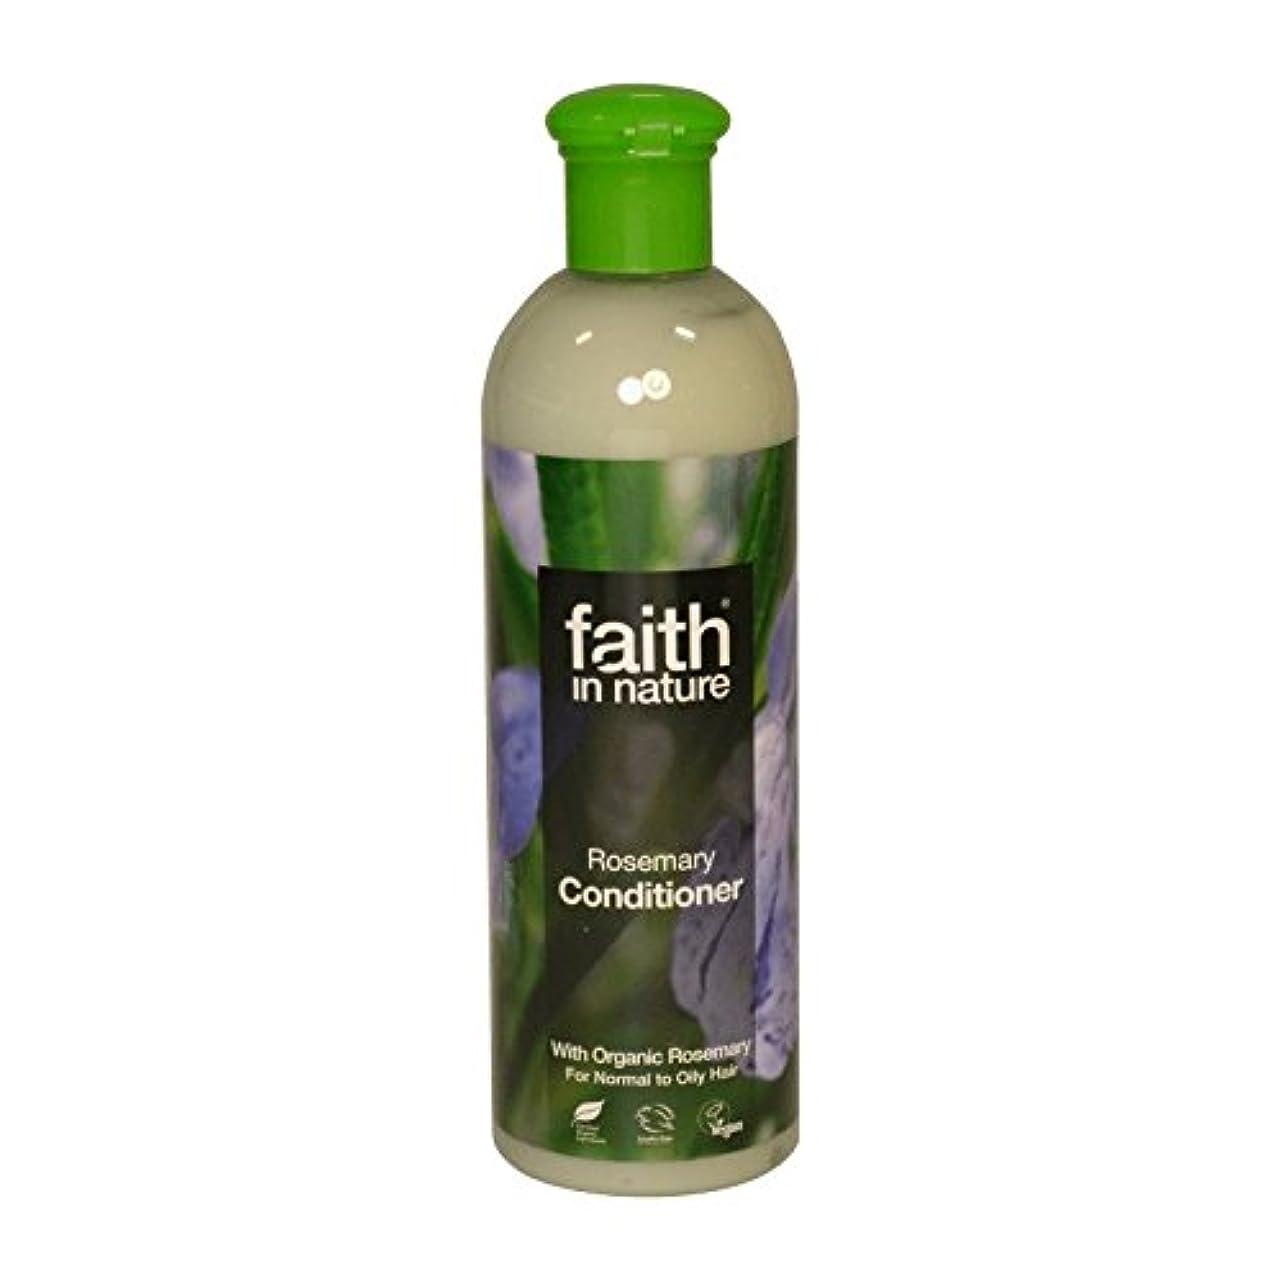 復讐なぞらえる分析的なFaith in Nature Rosemary Conditioner 400ml (Pack of 6) - 自然ローズマリーコンディショナー400ミリリットルの信仰 (x6) [並行輸入品]